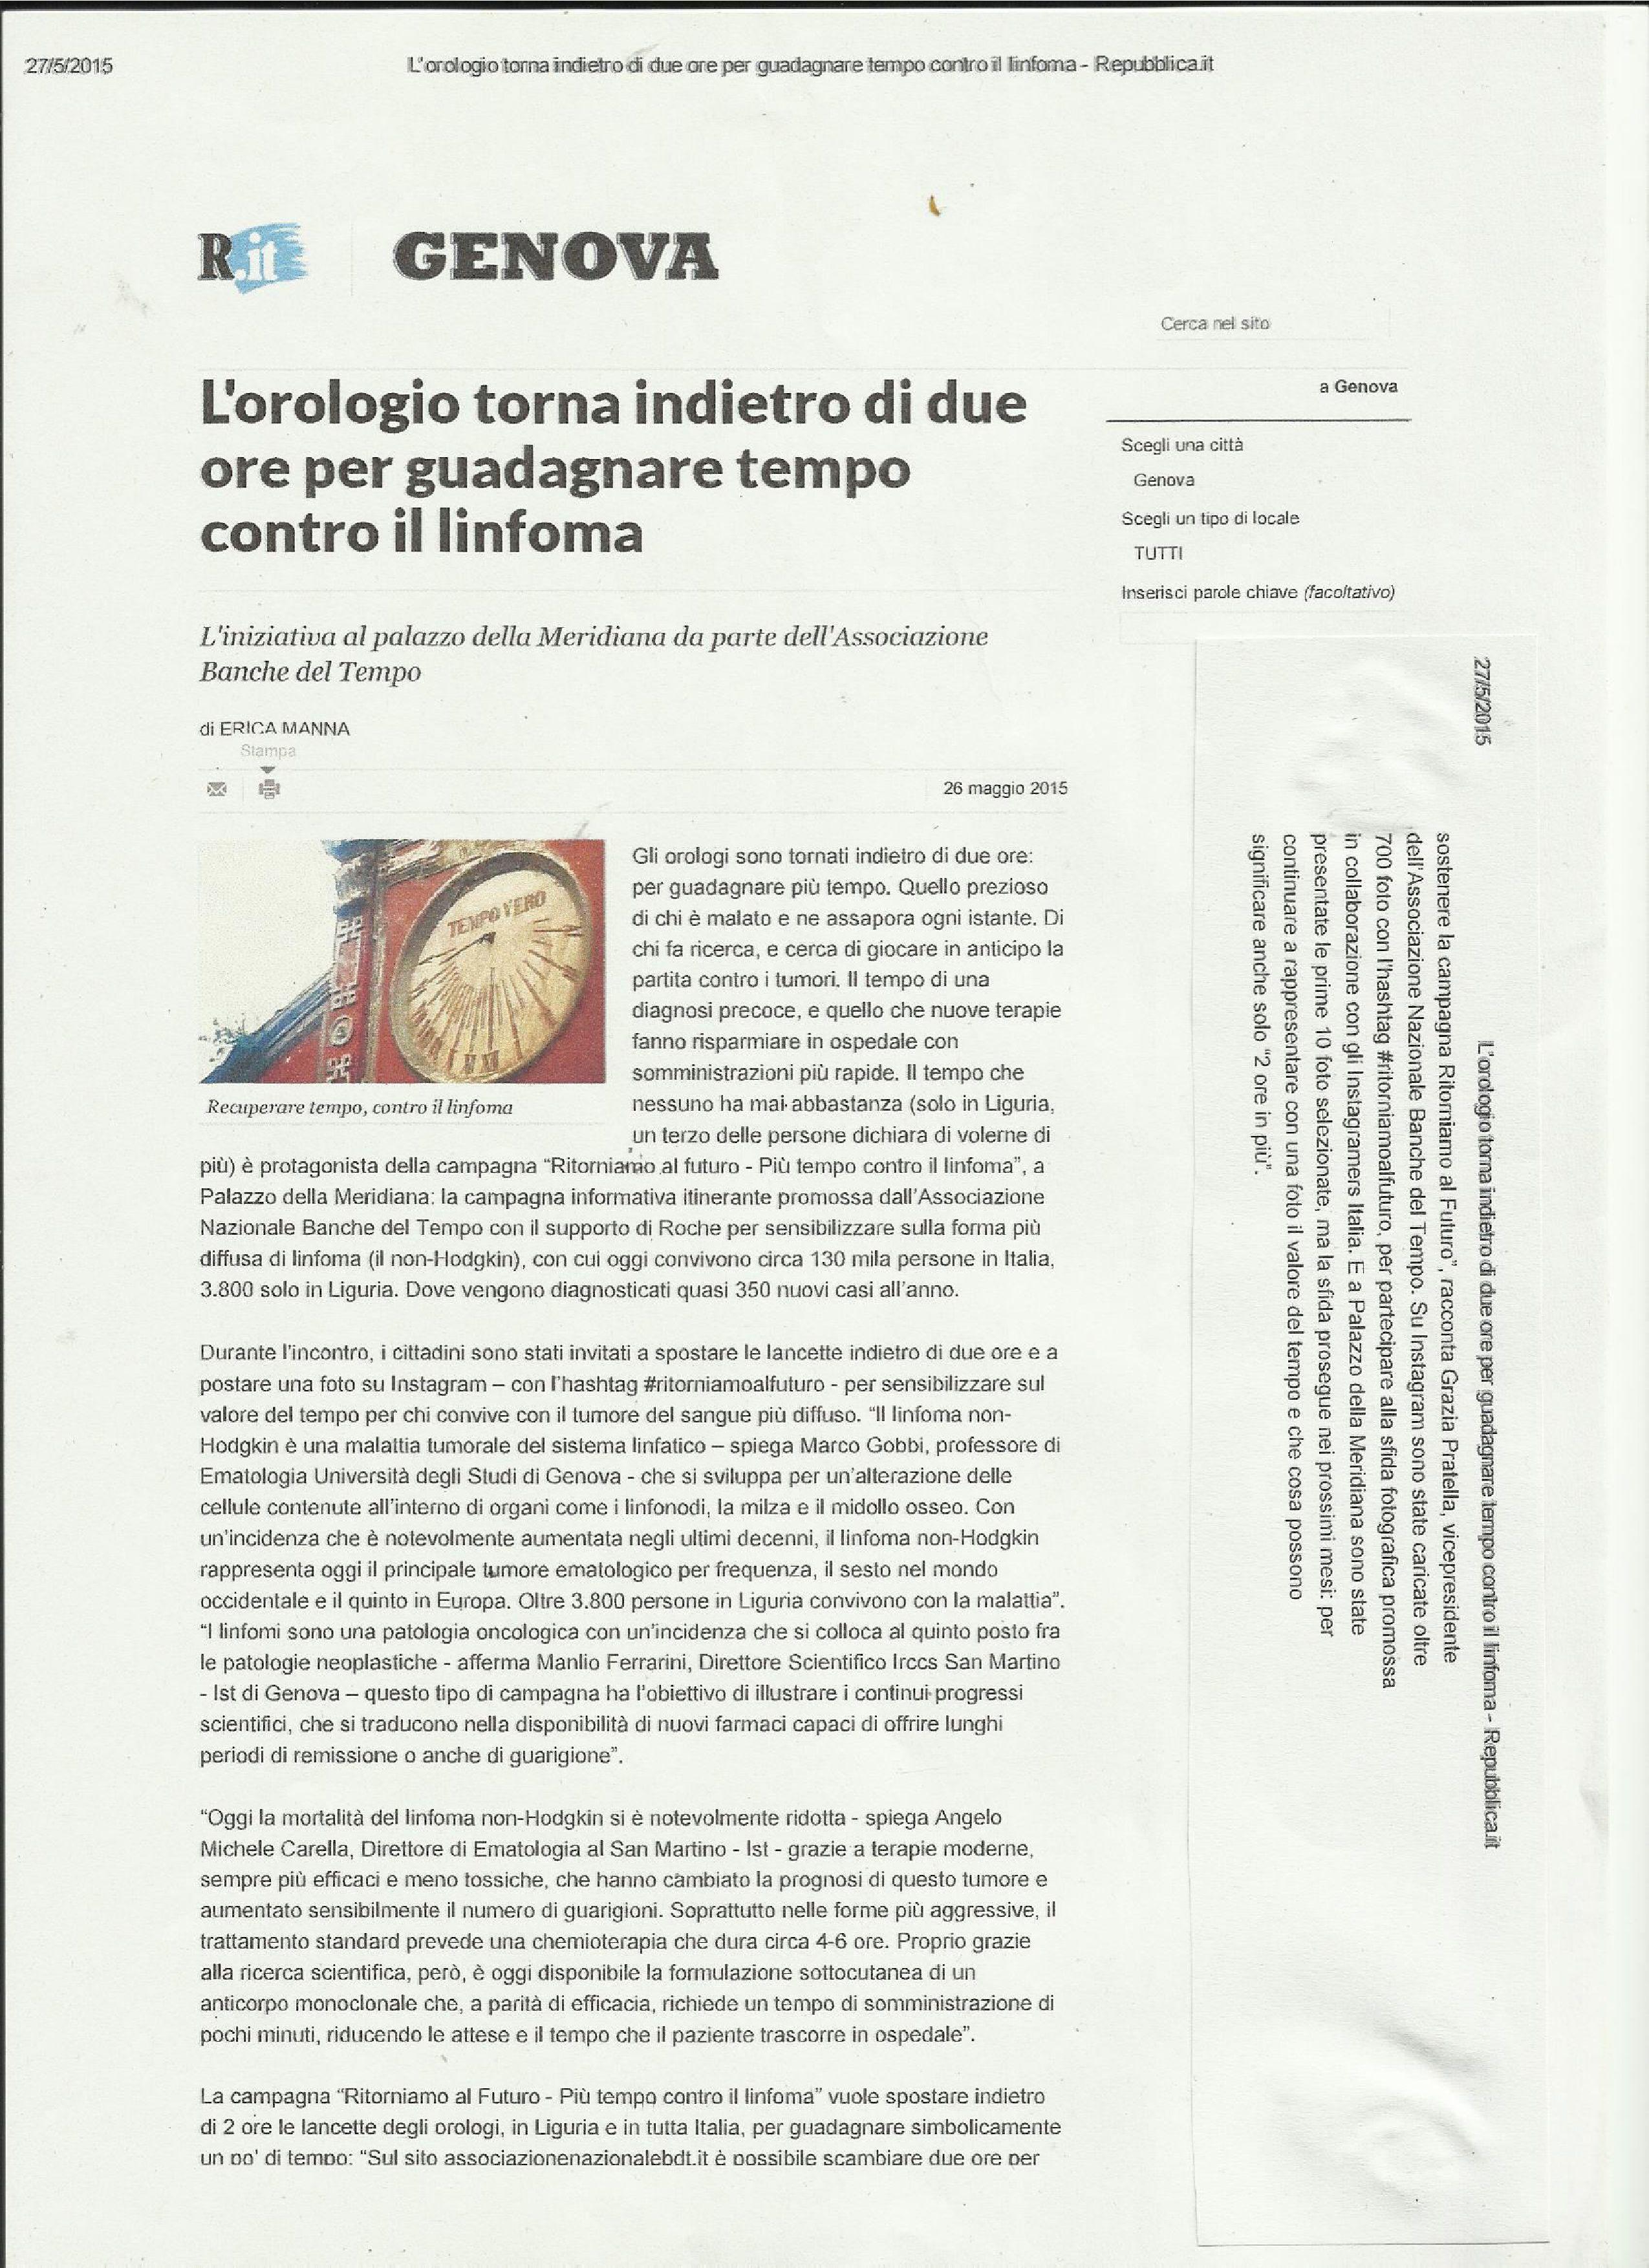 articolo-Repubblica.It_